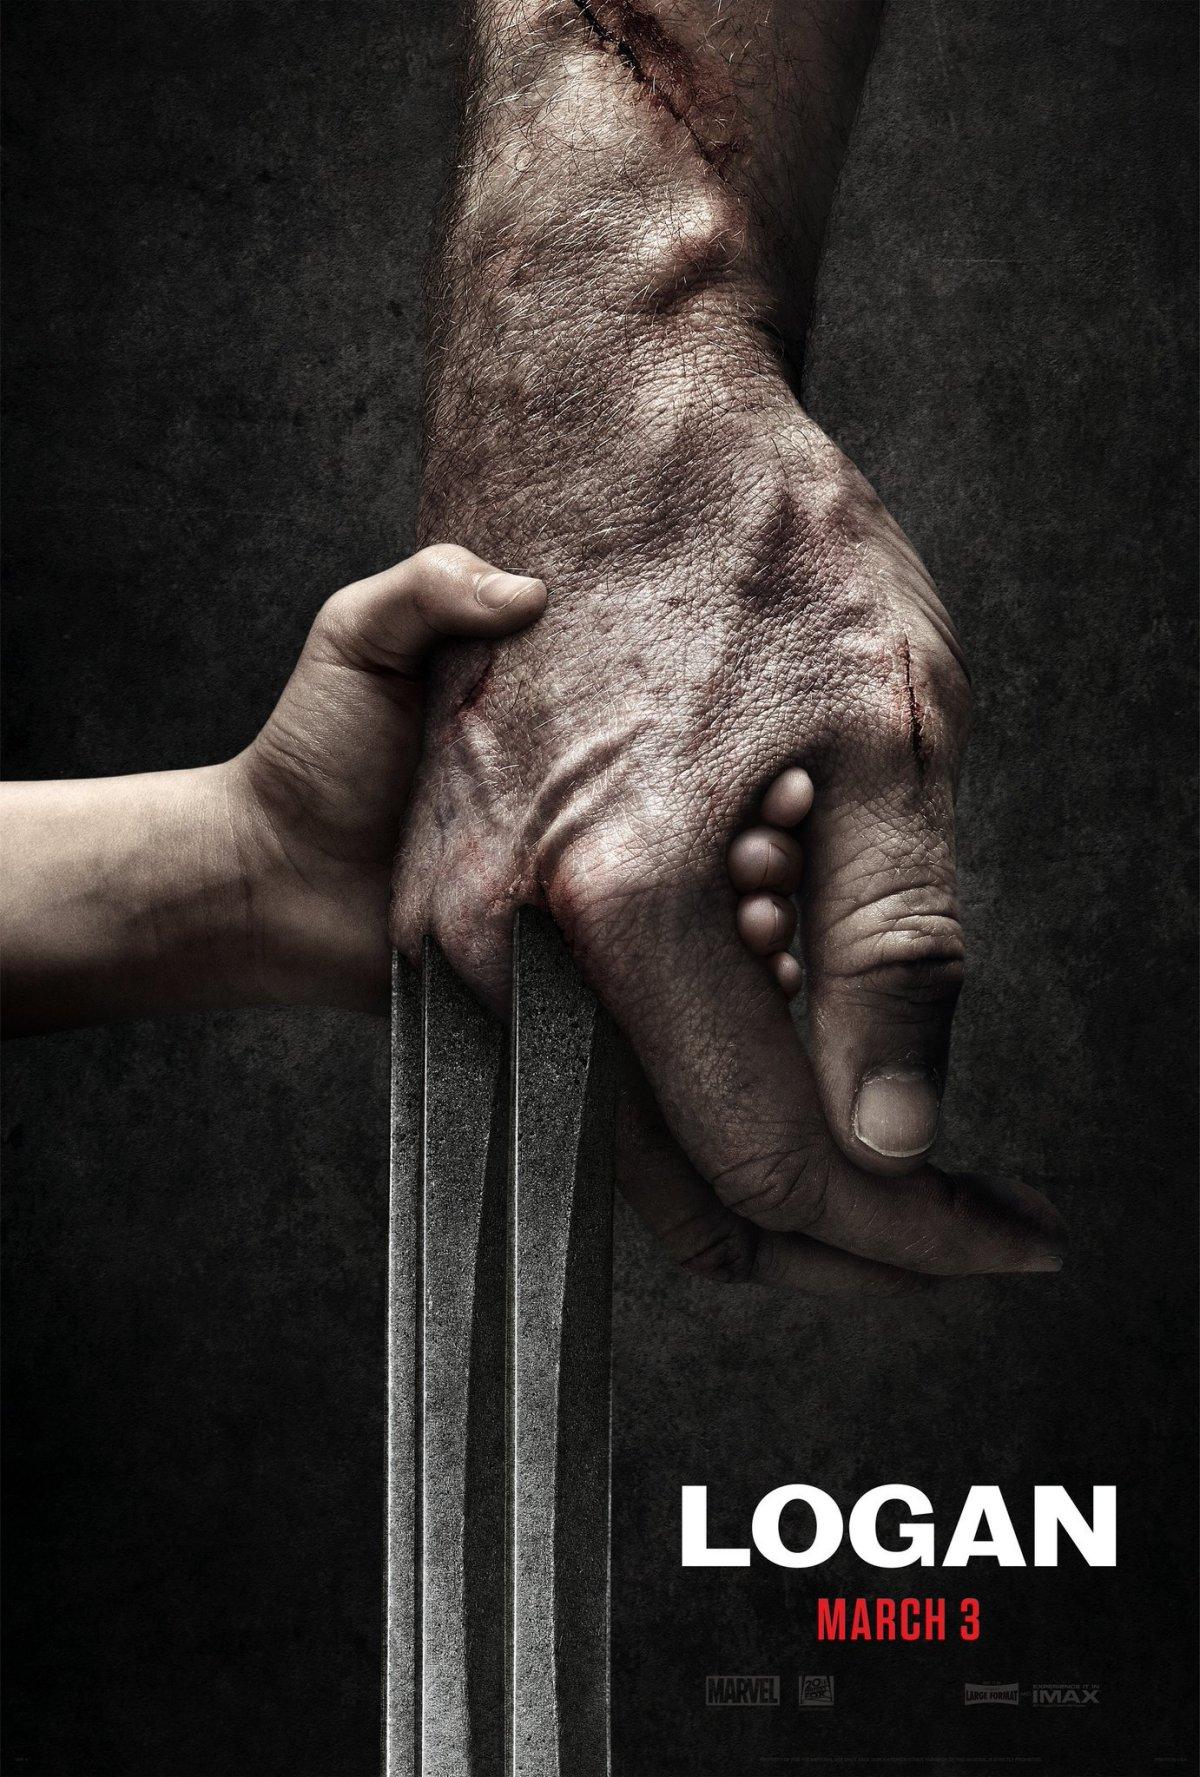 'Logan': Hugh Jackman Tweets Tease; TrailerTomorrow